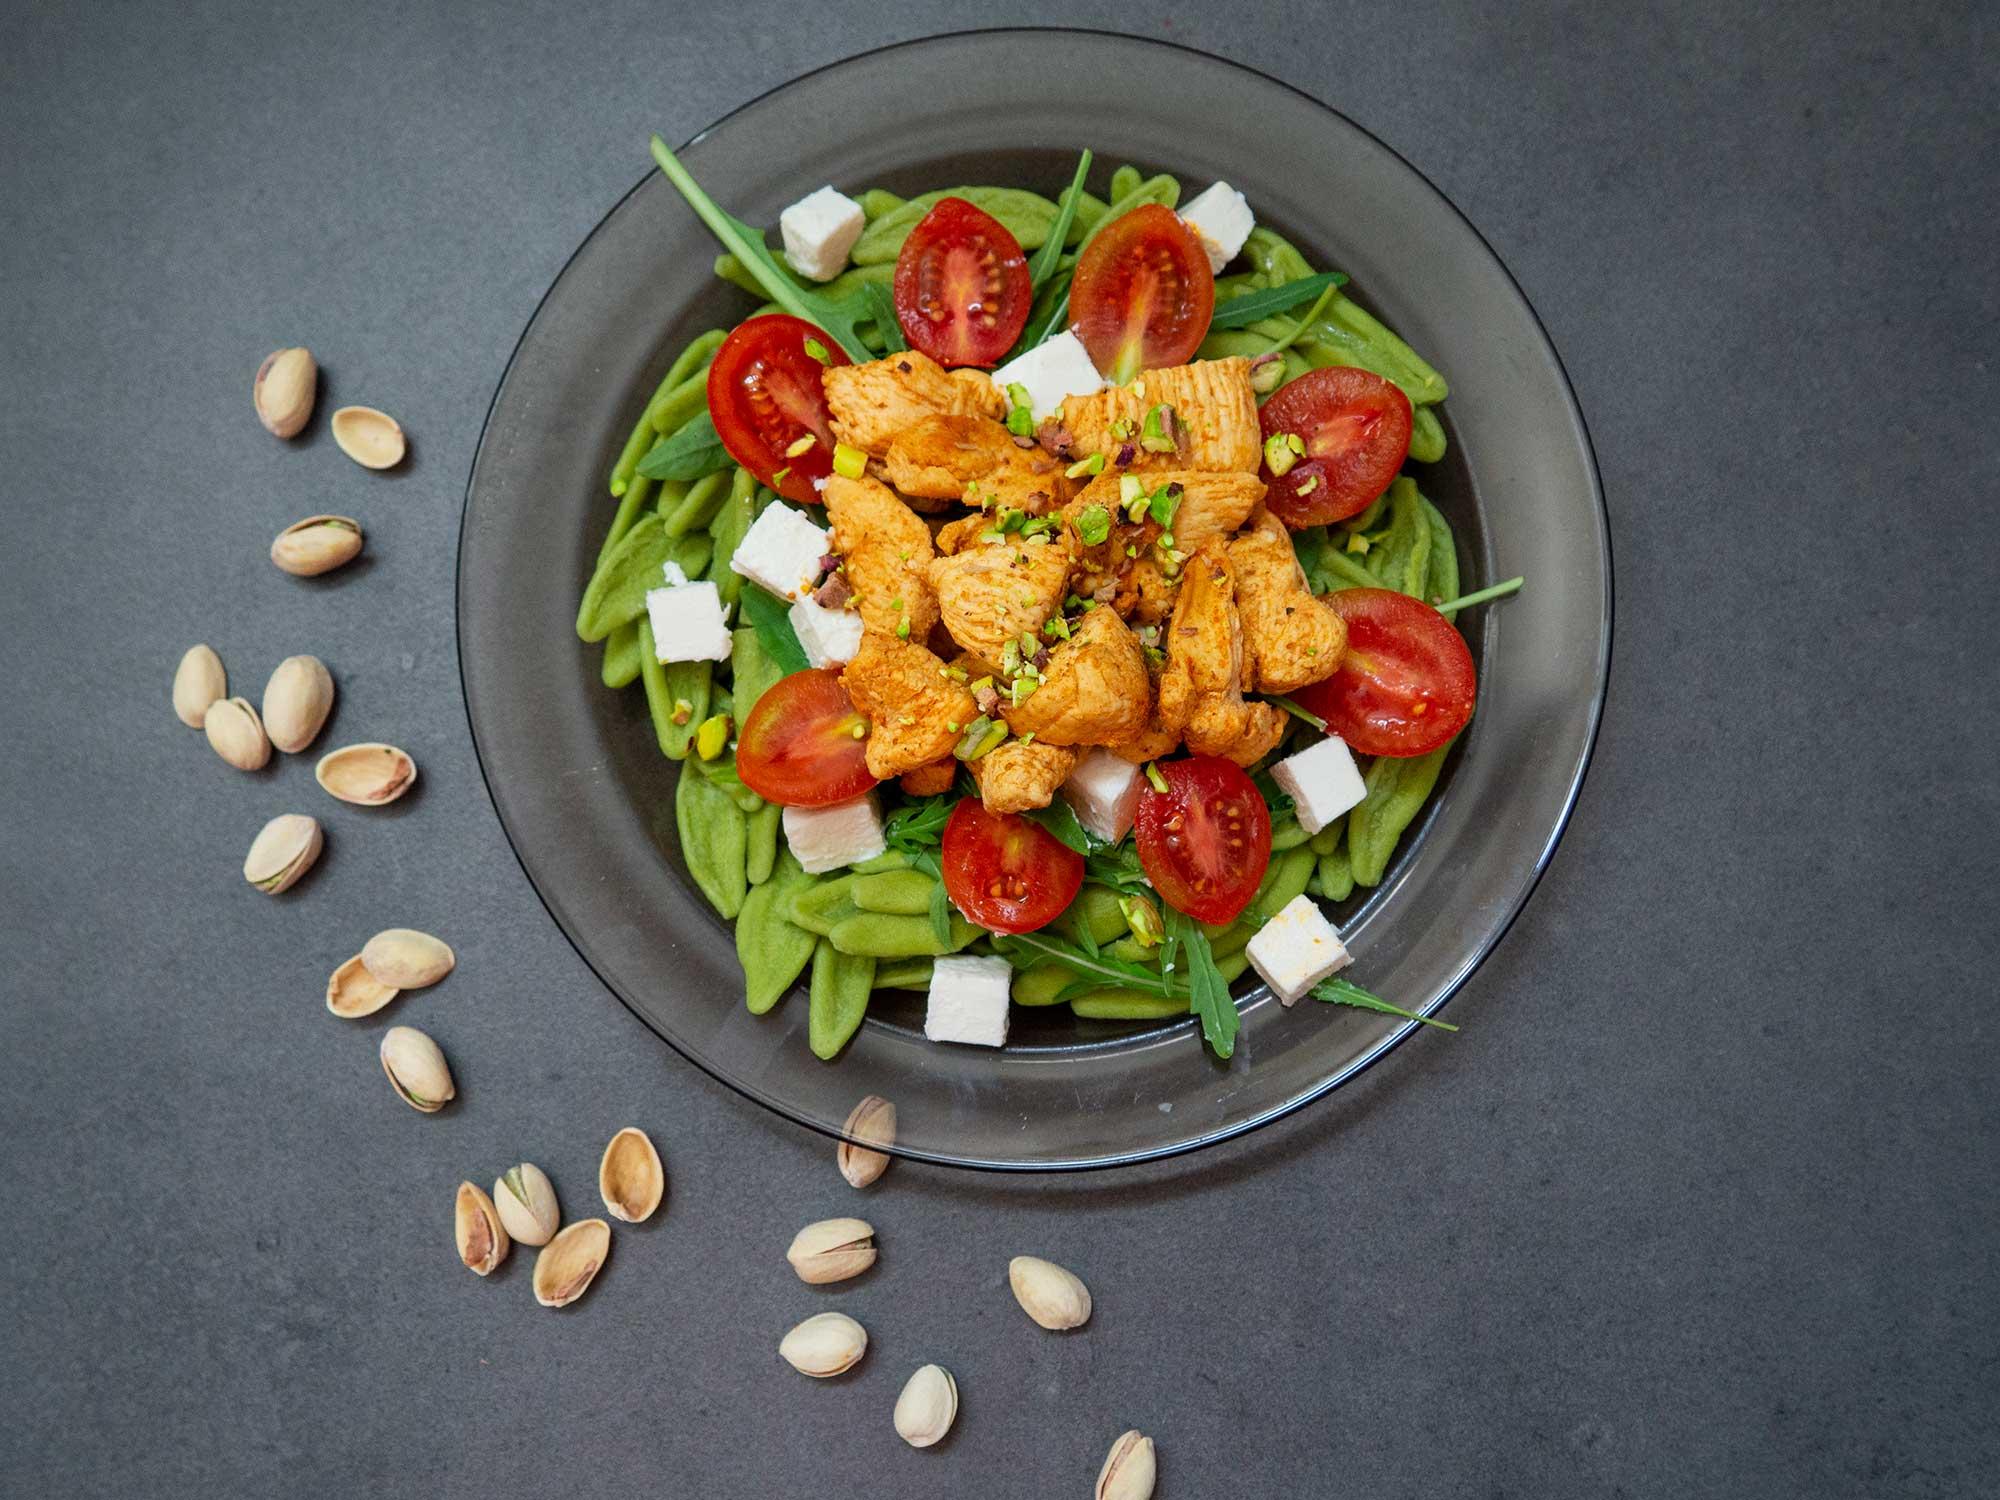 Dinner #1 – Spinach Pasta with Chicken